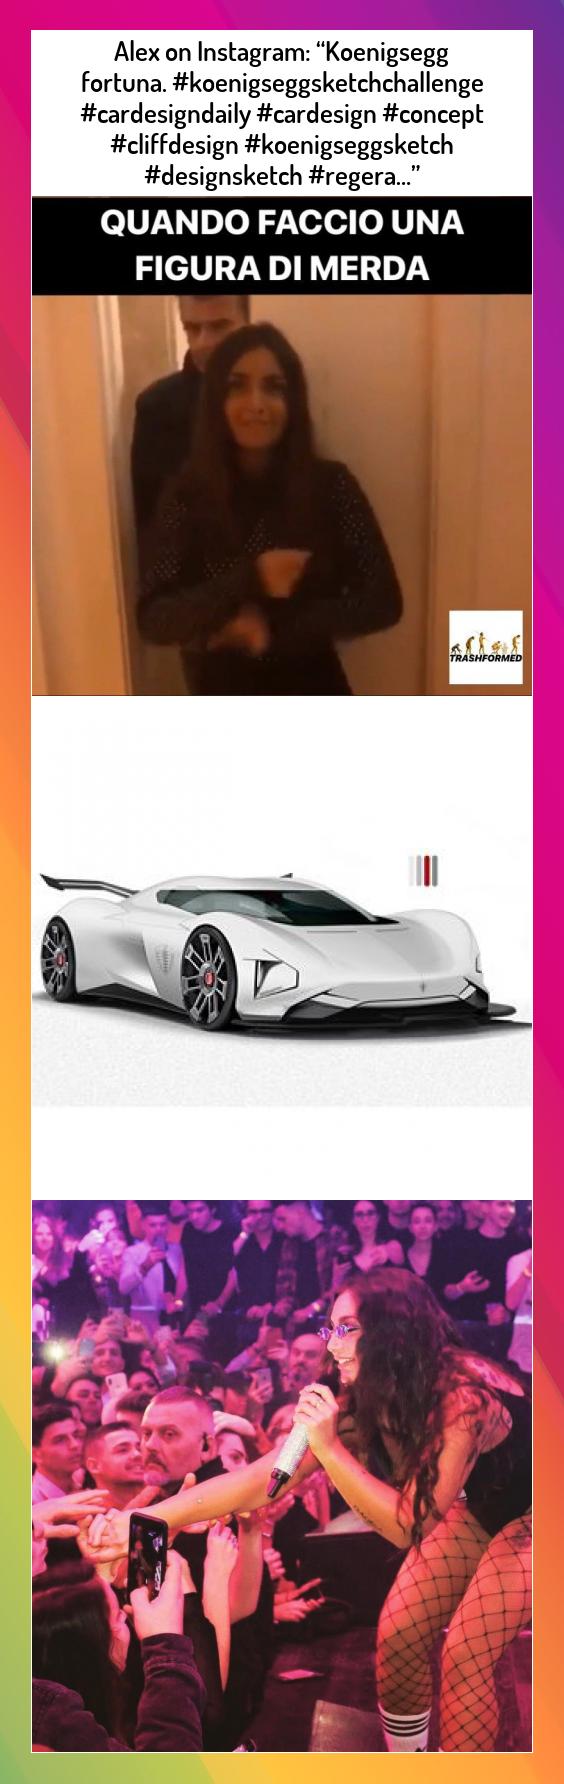 """Alex on Instagram: """"Koenigsegg fortuna. #koenigseggsketchchallenge #cardesigndaily #cardesign #concept #cliffdesign #koenigseggsketch #designsketch #regera…"""" #Alex #Instagram: #""""Koenigsegg #fortuna. ##koenigseggsketchchallenge ##cardesigndaily ##cardesign ##concept ##cliffdesign ##koenigseggsketch ##designsketch ##regera…"""""""